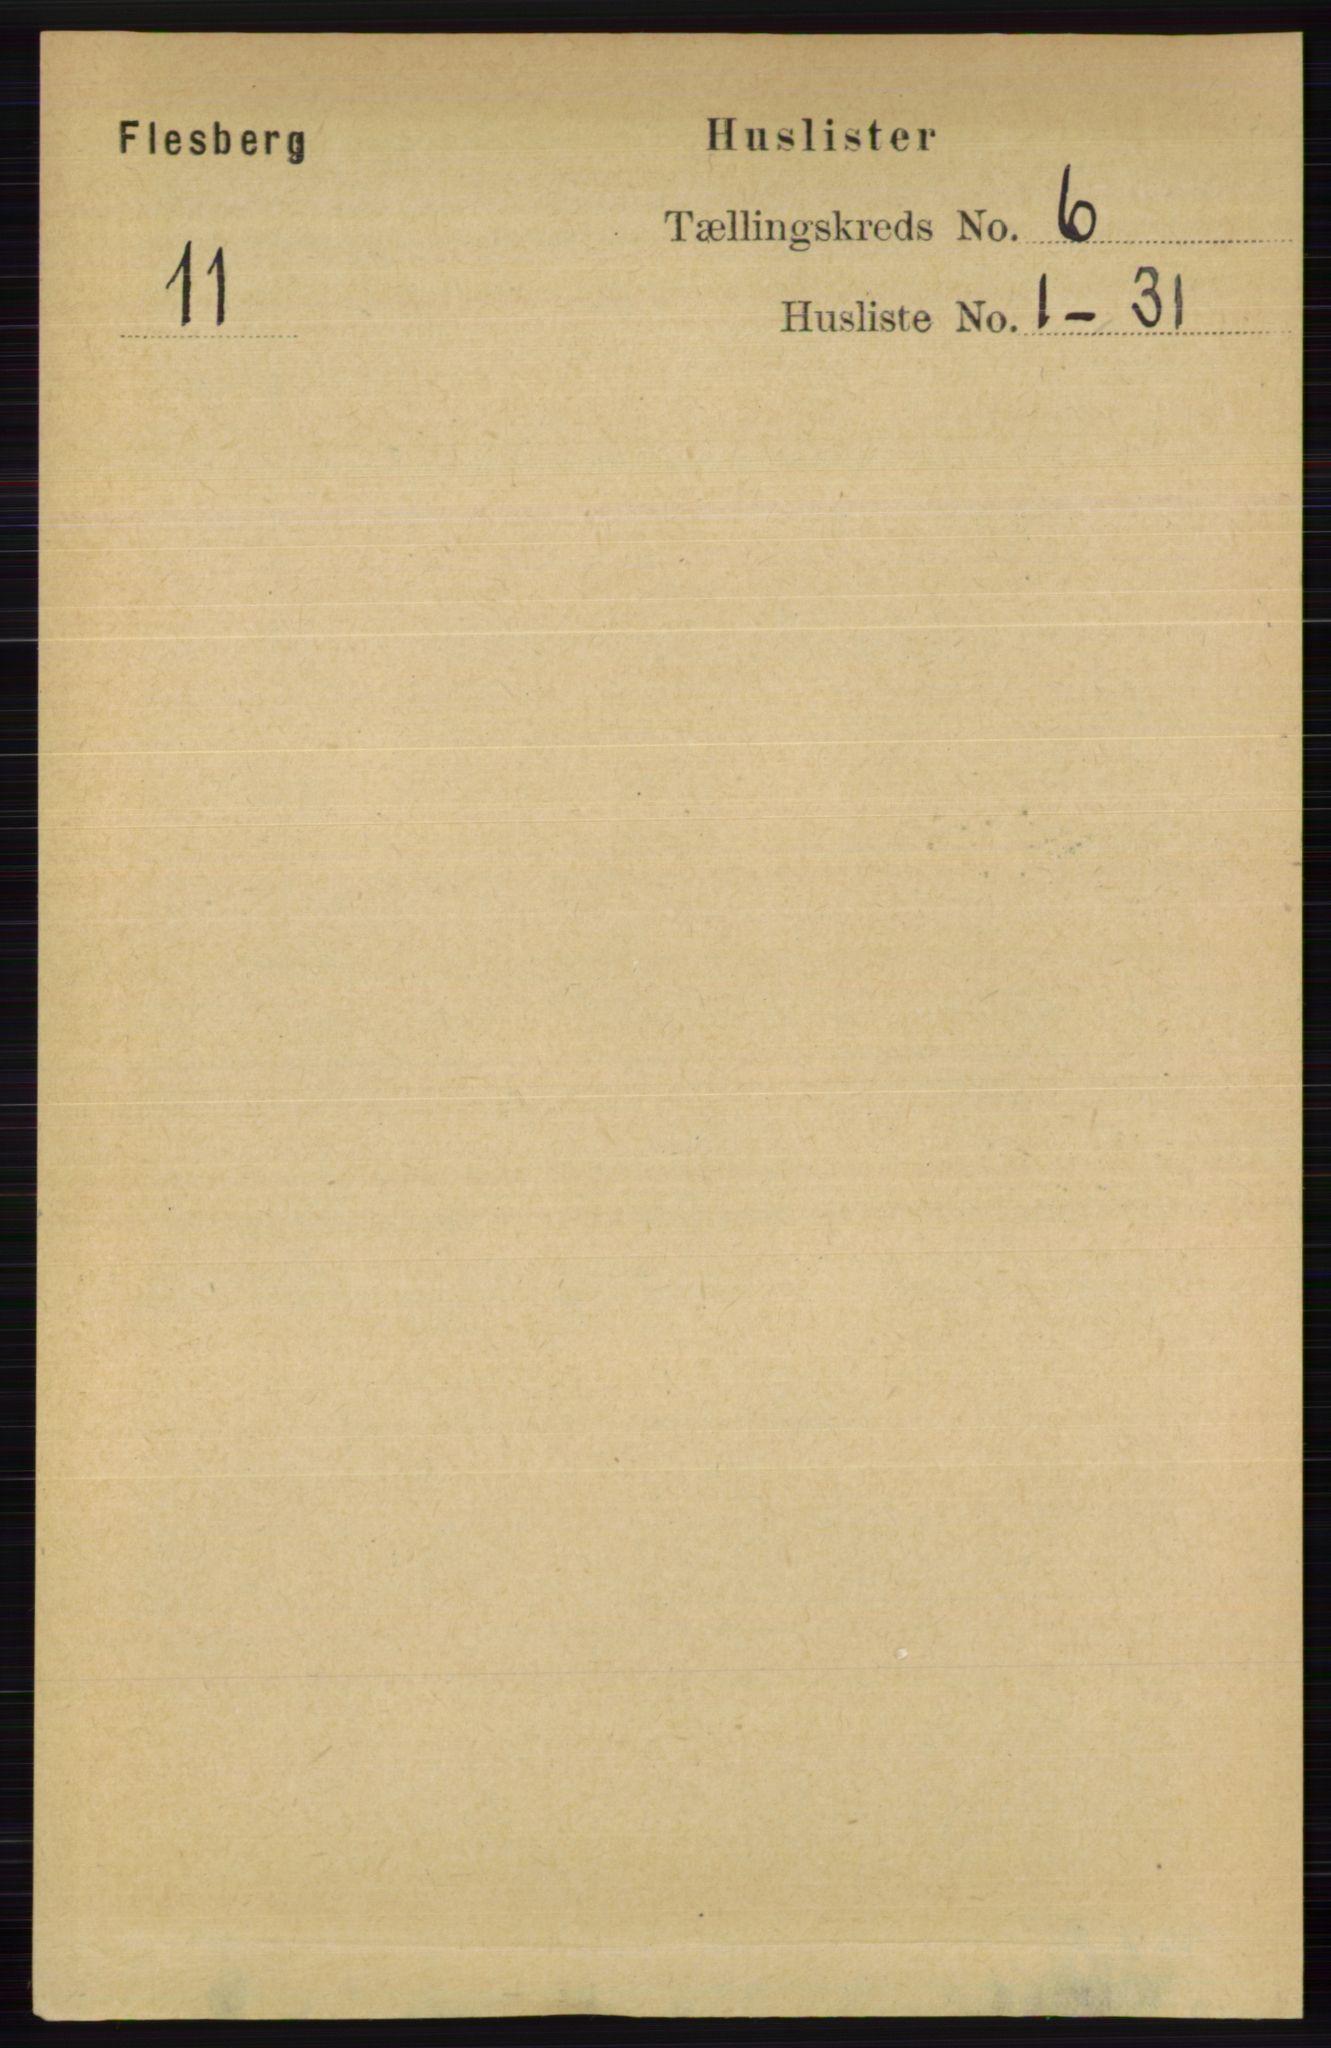 RA, Folketelling 1891 for 0631 Flesberg herred, 1891, s. 920